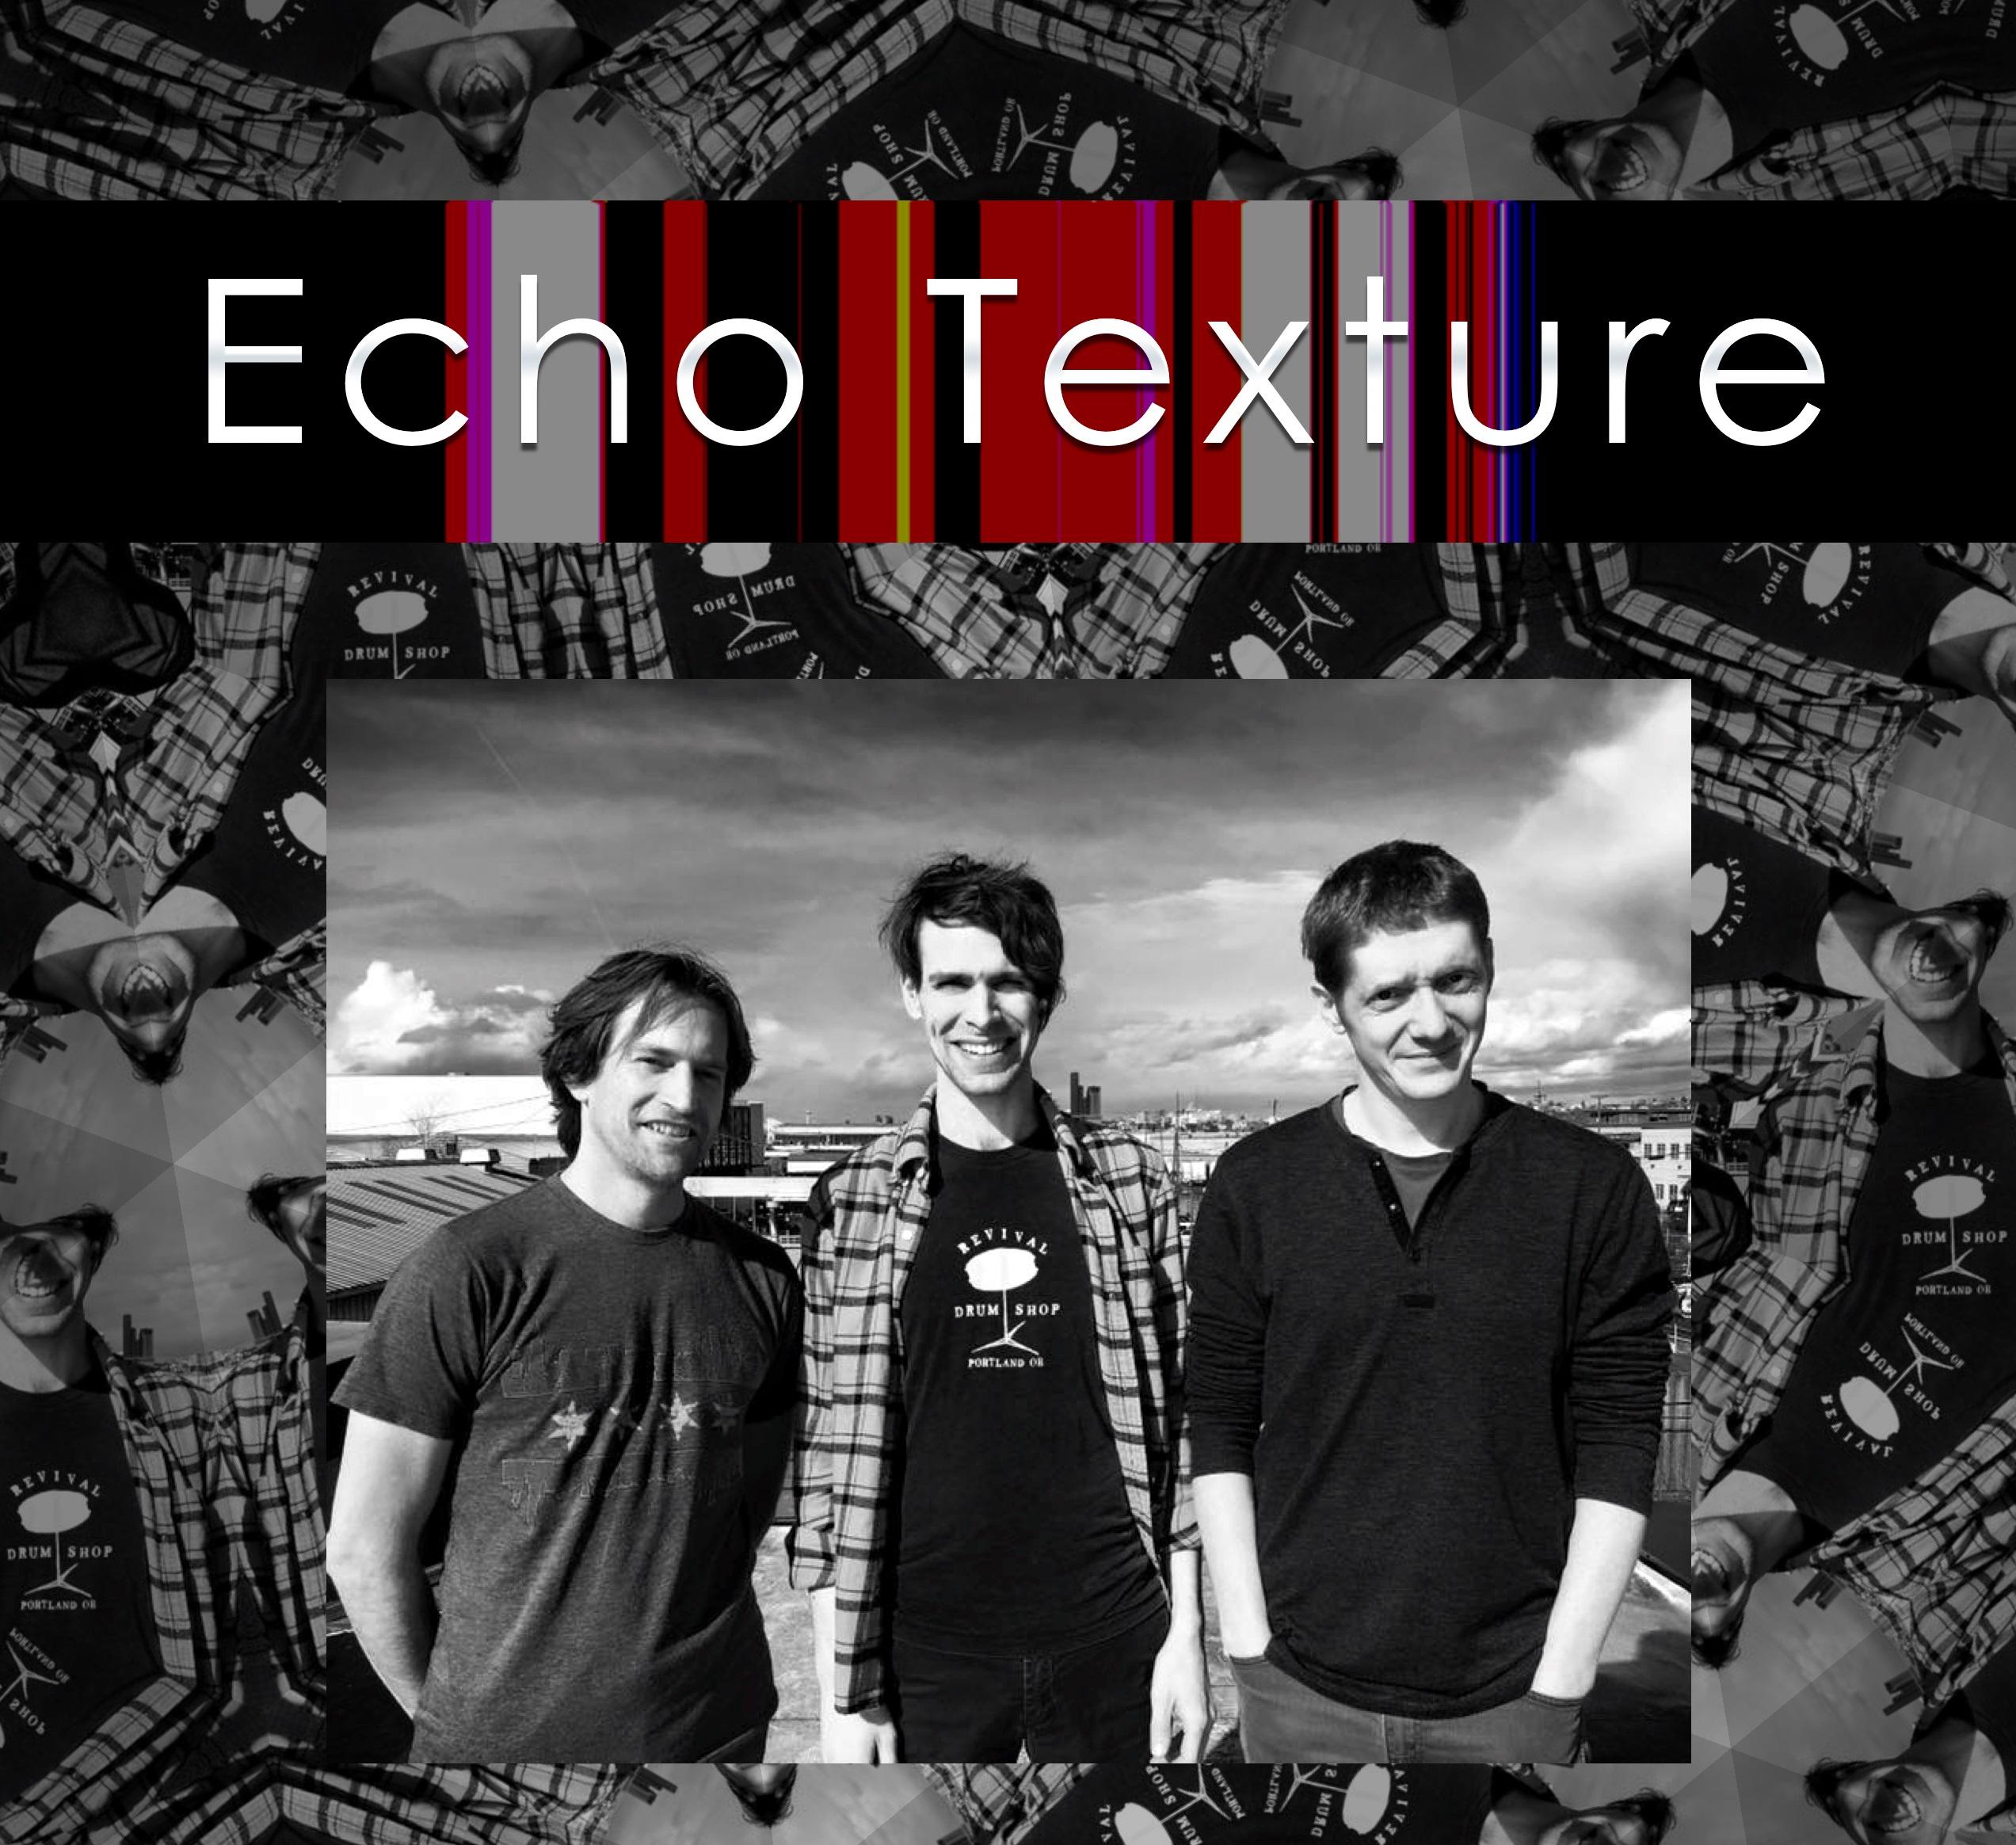 Echo Texture